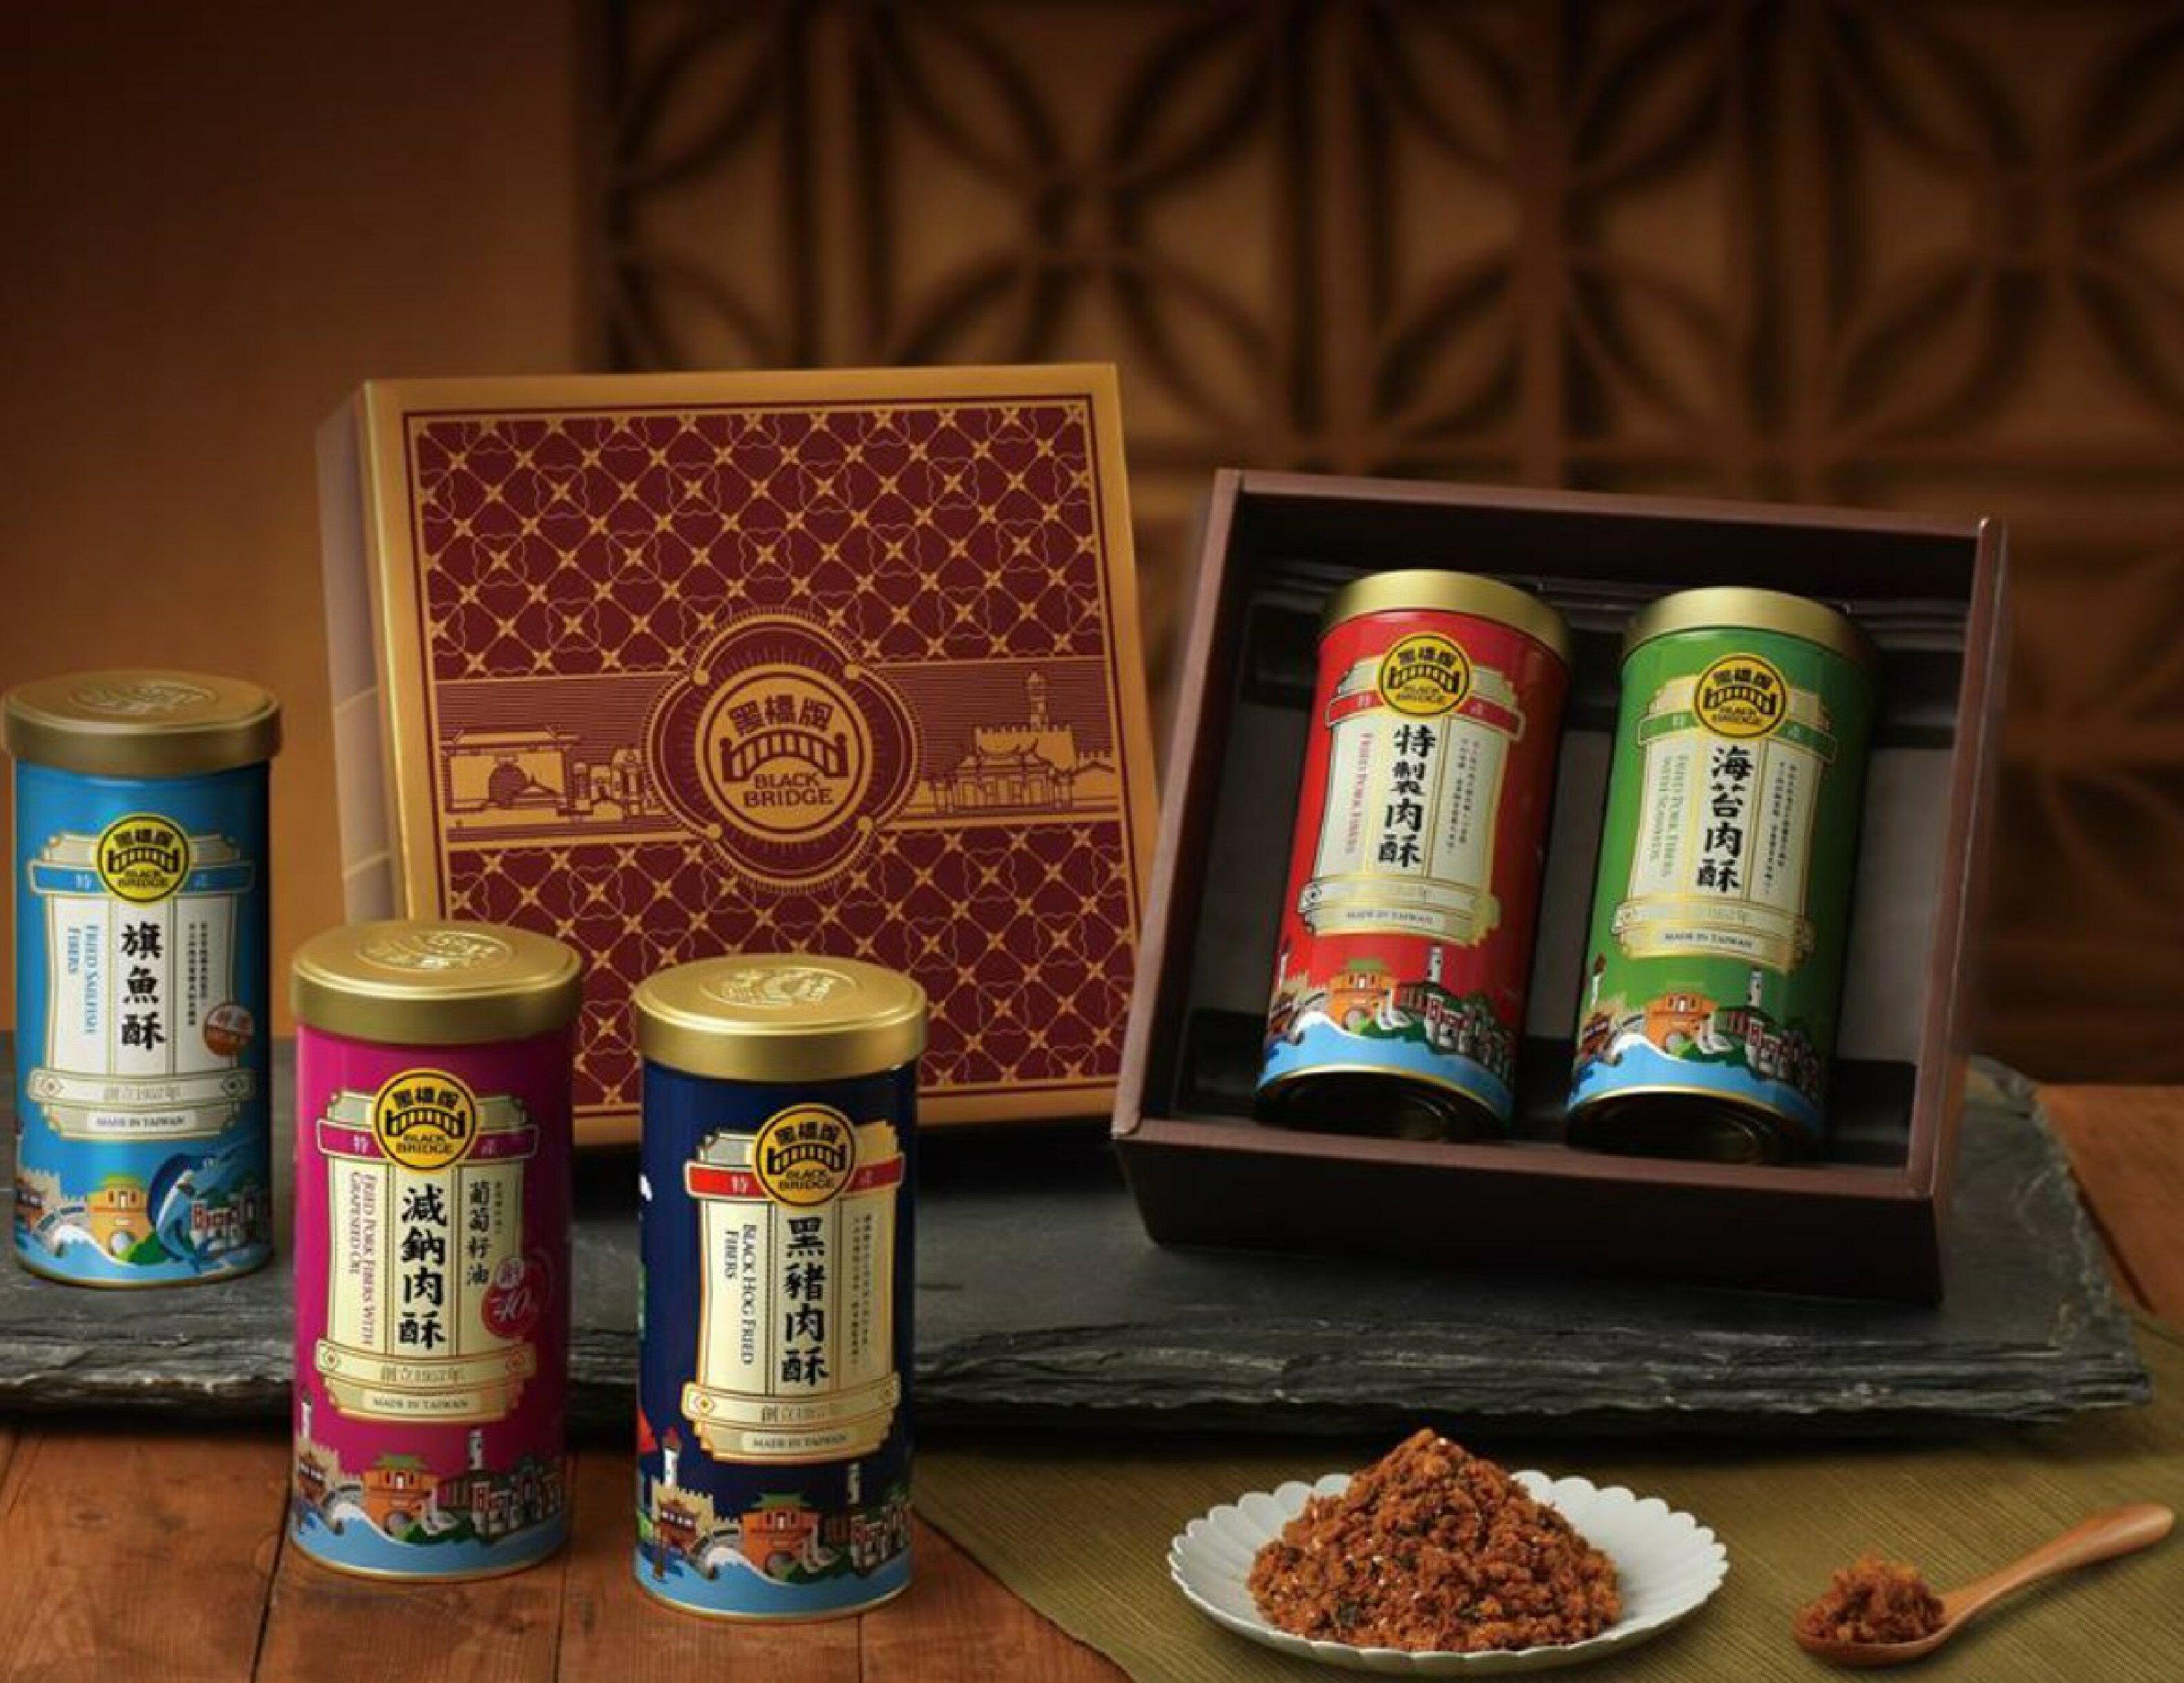 【野味食品】黑橋牌雙喜禮盒(內含肉鬆270g/罐*2,口味可搭配)(附贈禮盒禮袋)